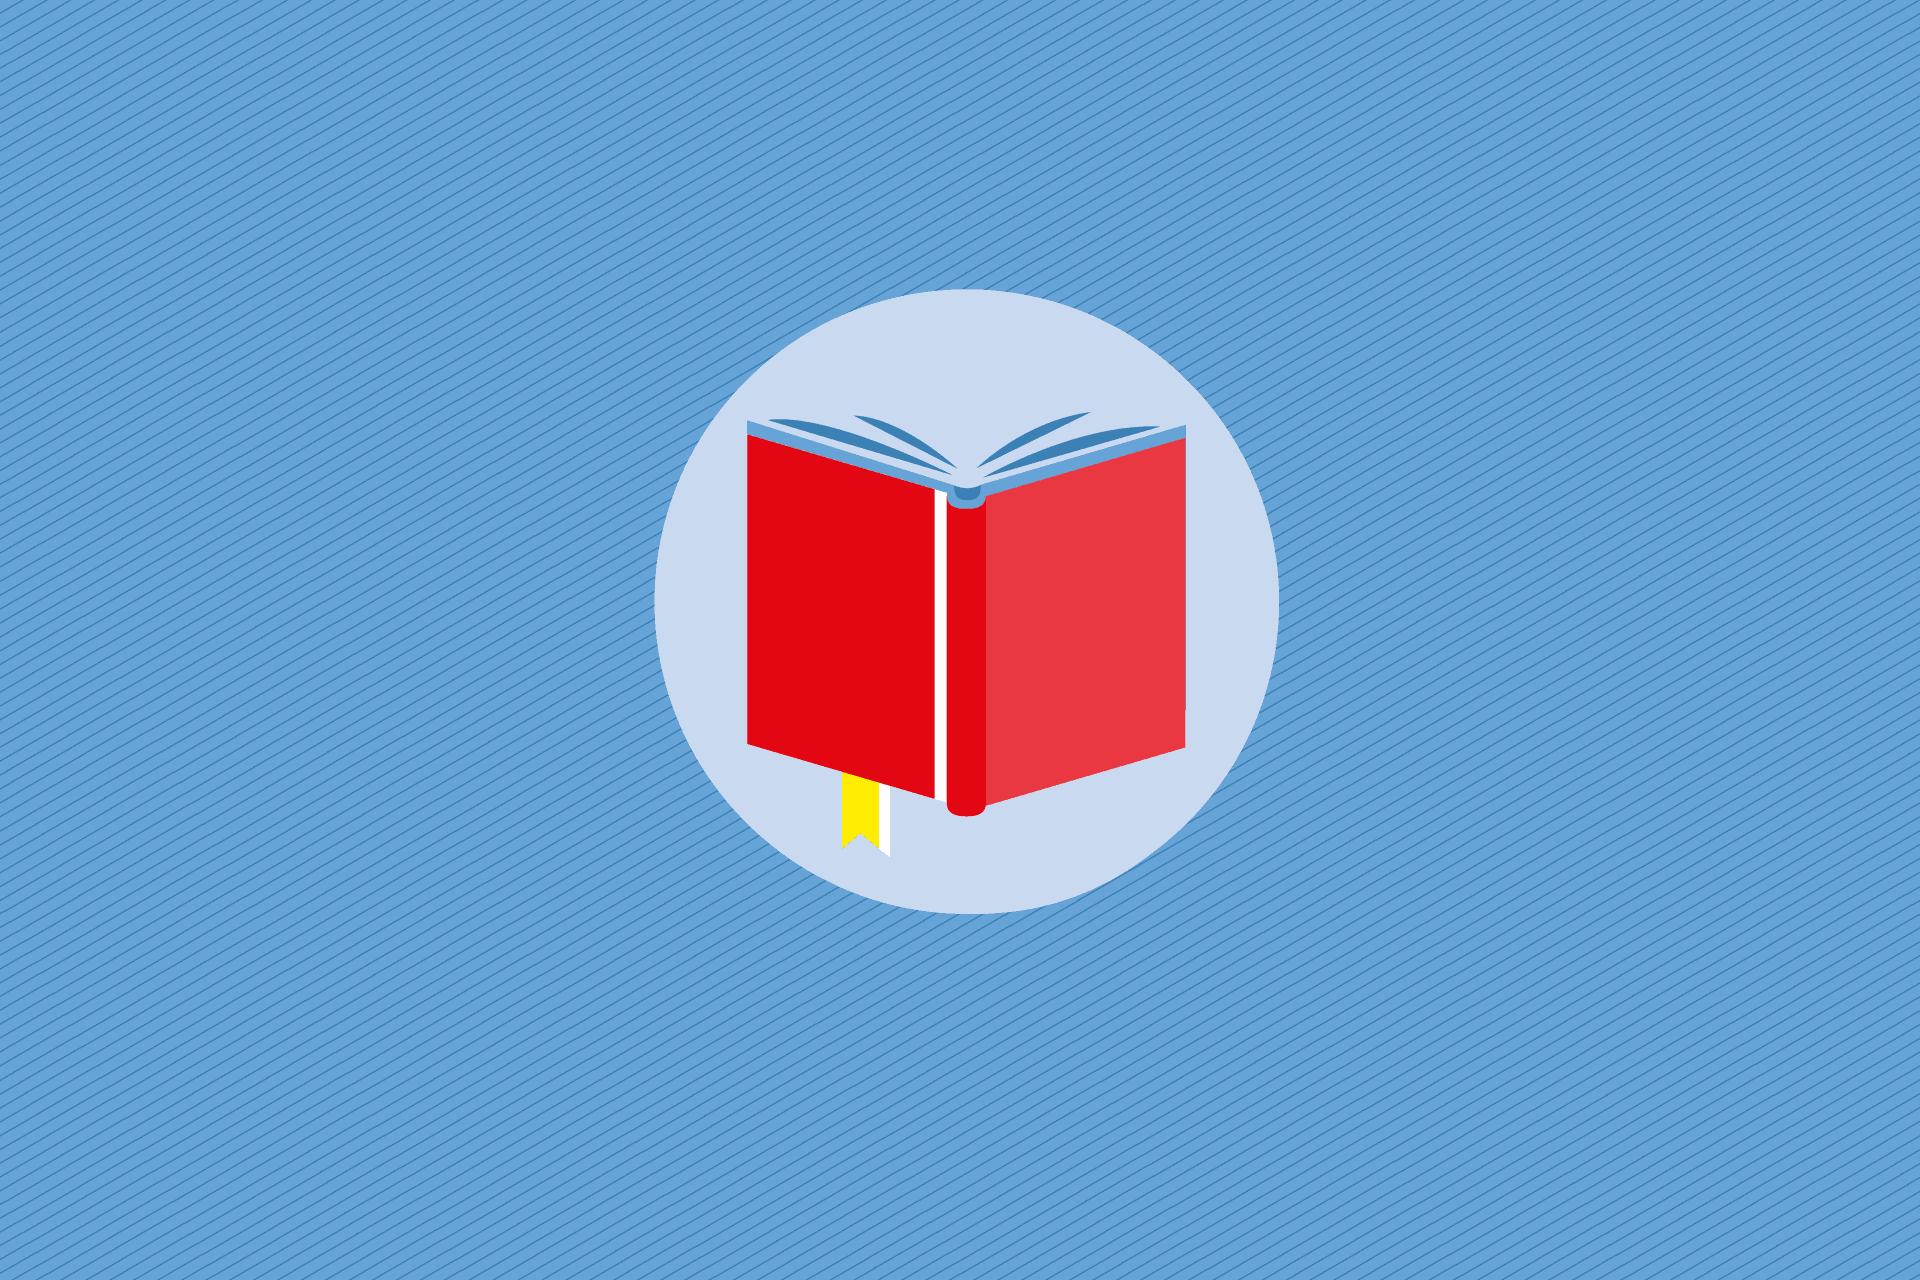 Buch auf blauem Grund